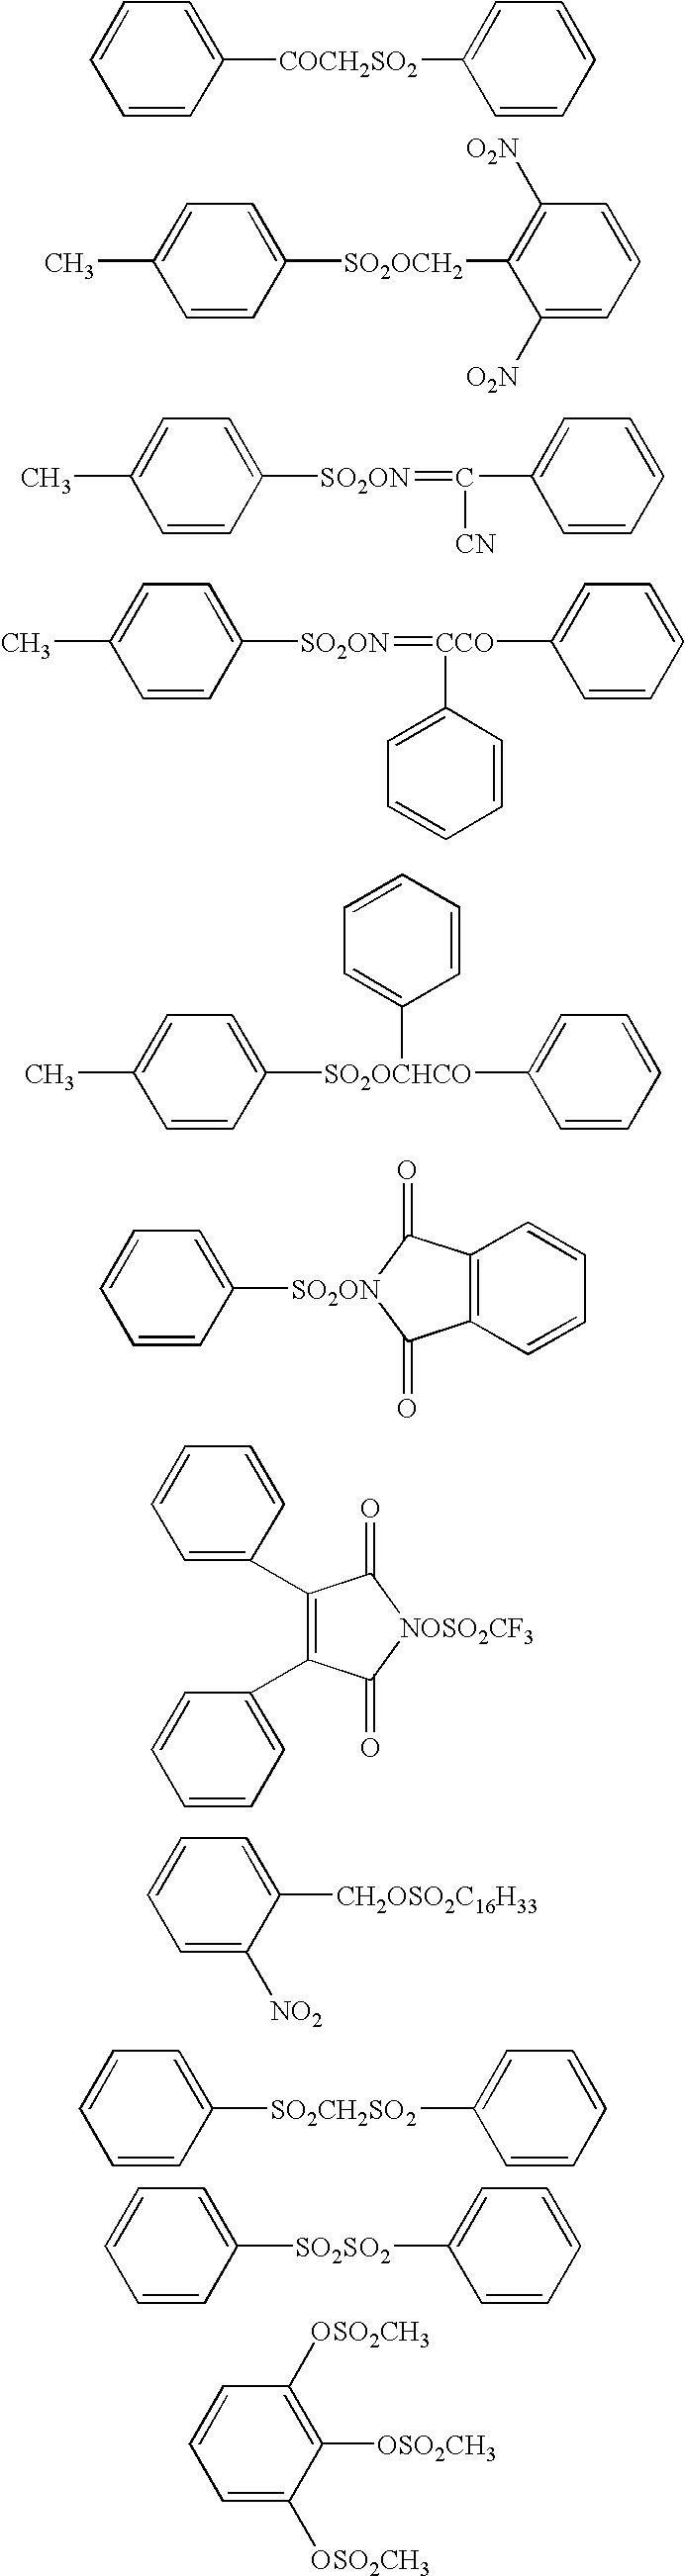 Figure US20040075726A1-20040422-C00019